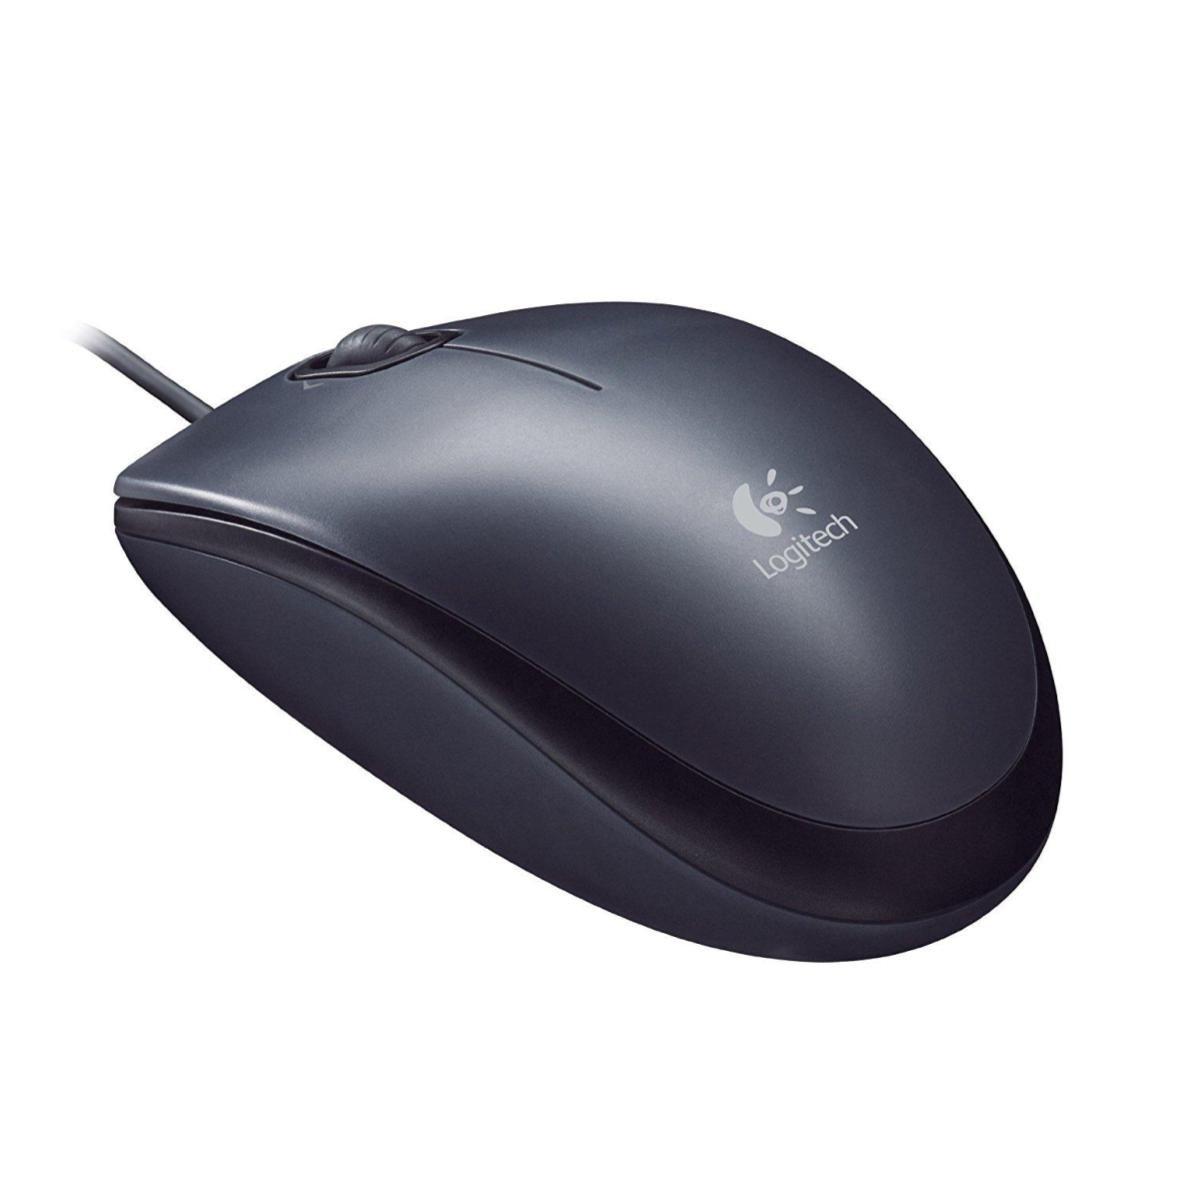 Mouse M90 Logitech